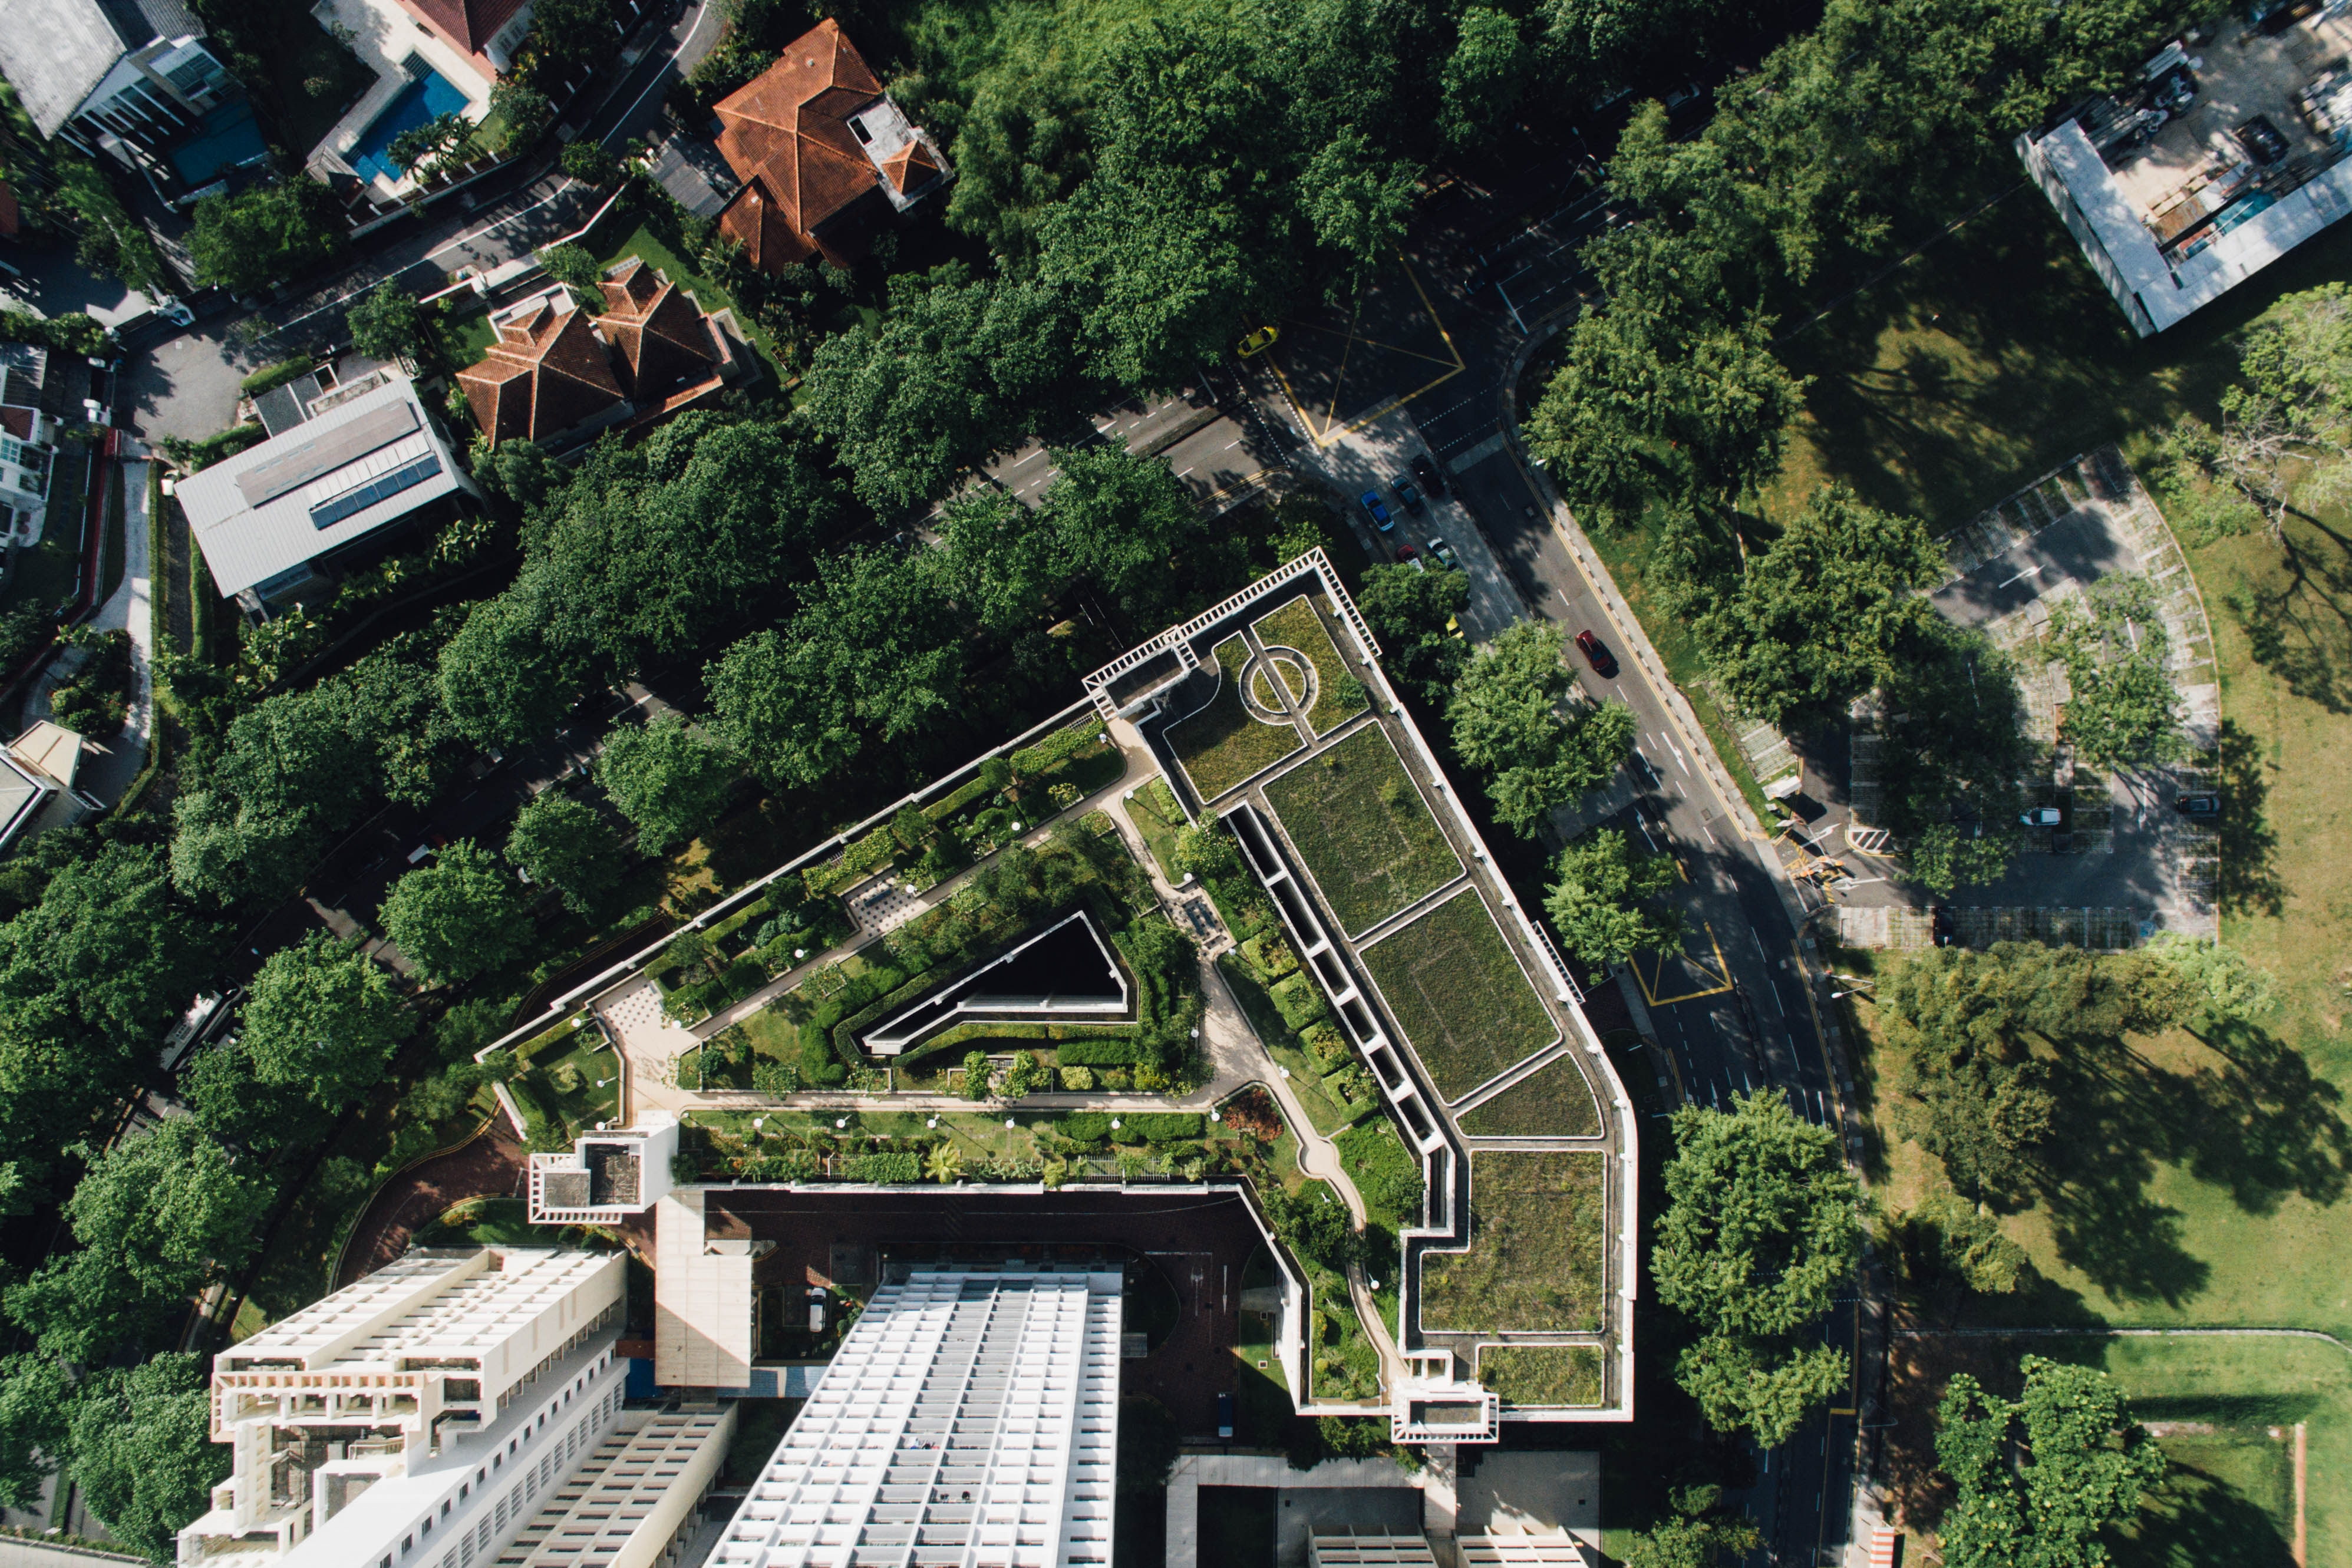 Aerial image of rooftop garden